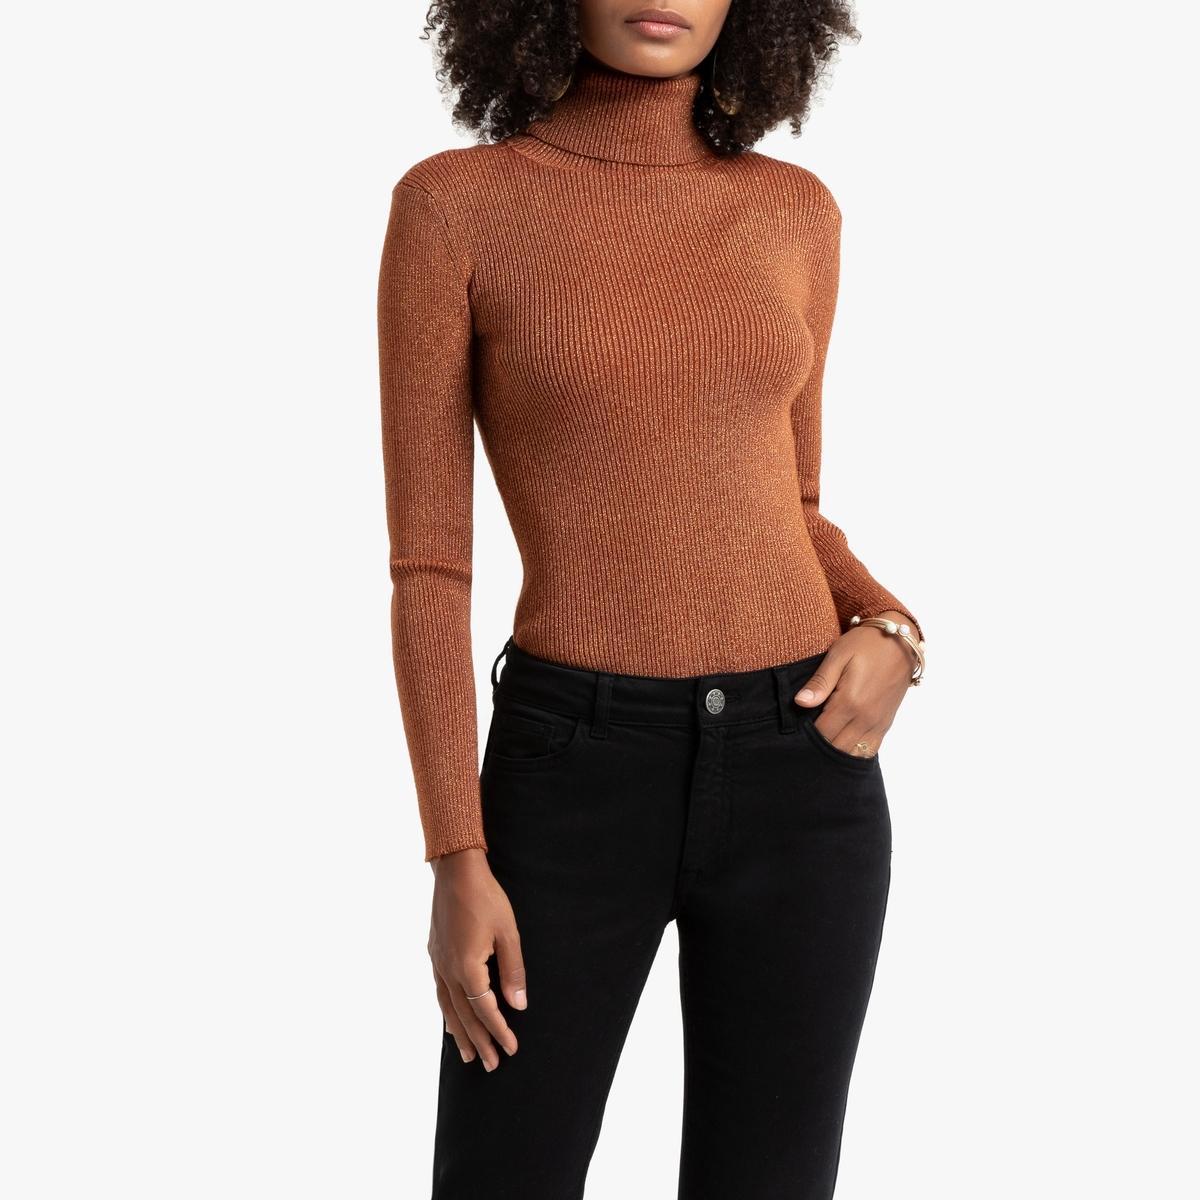 Пуловер La Redoute С воротником-стойкой из рифленого блестящего трикотажа S каштановый